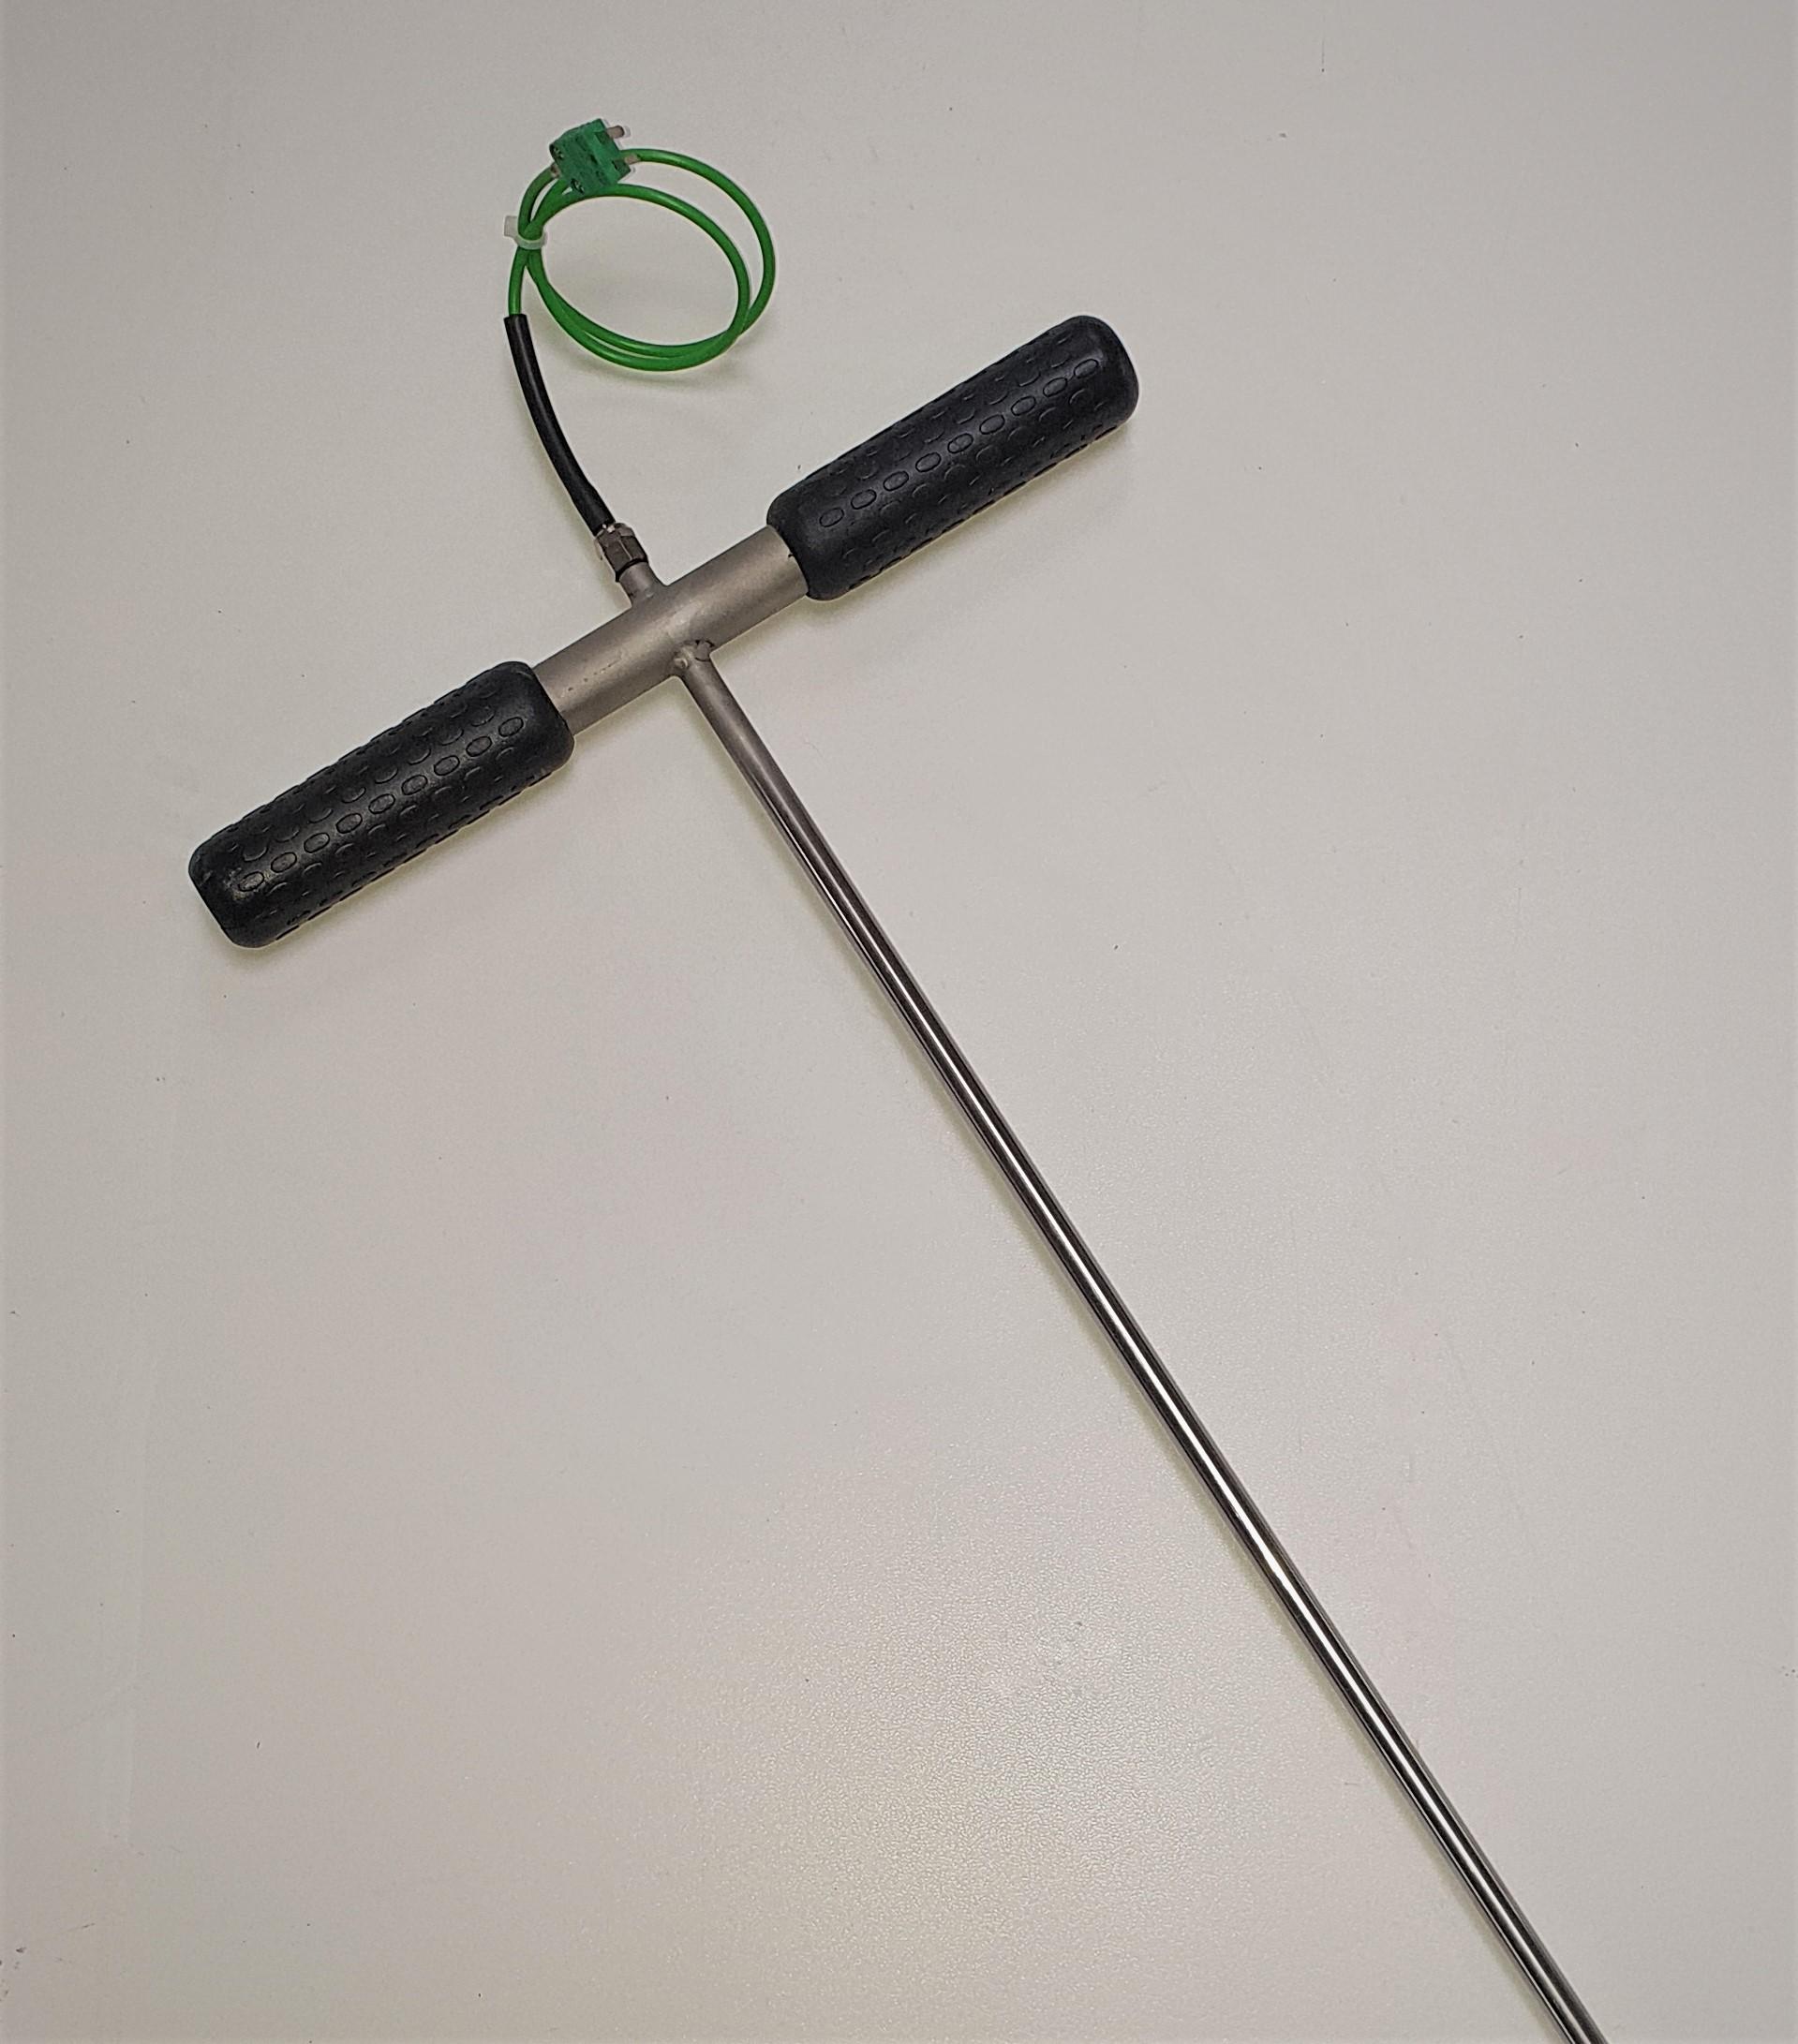 Einstechfühler mit Griff  2,0 m lang    Durchmesser 10 mm